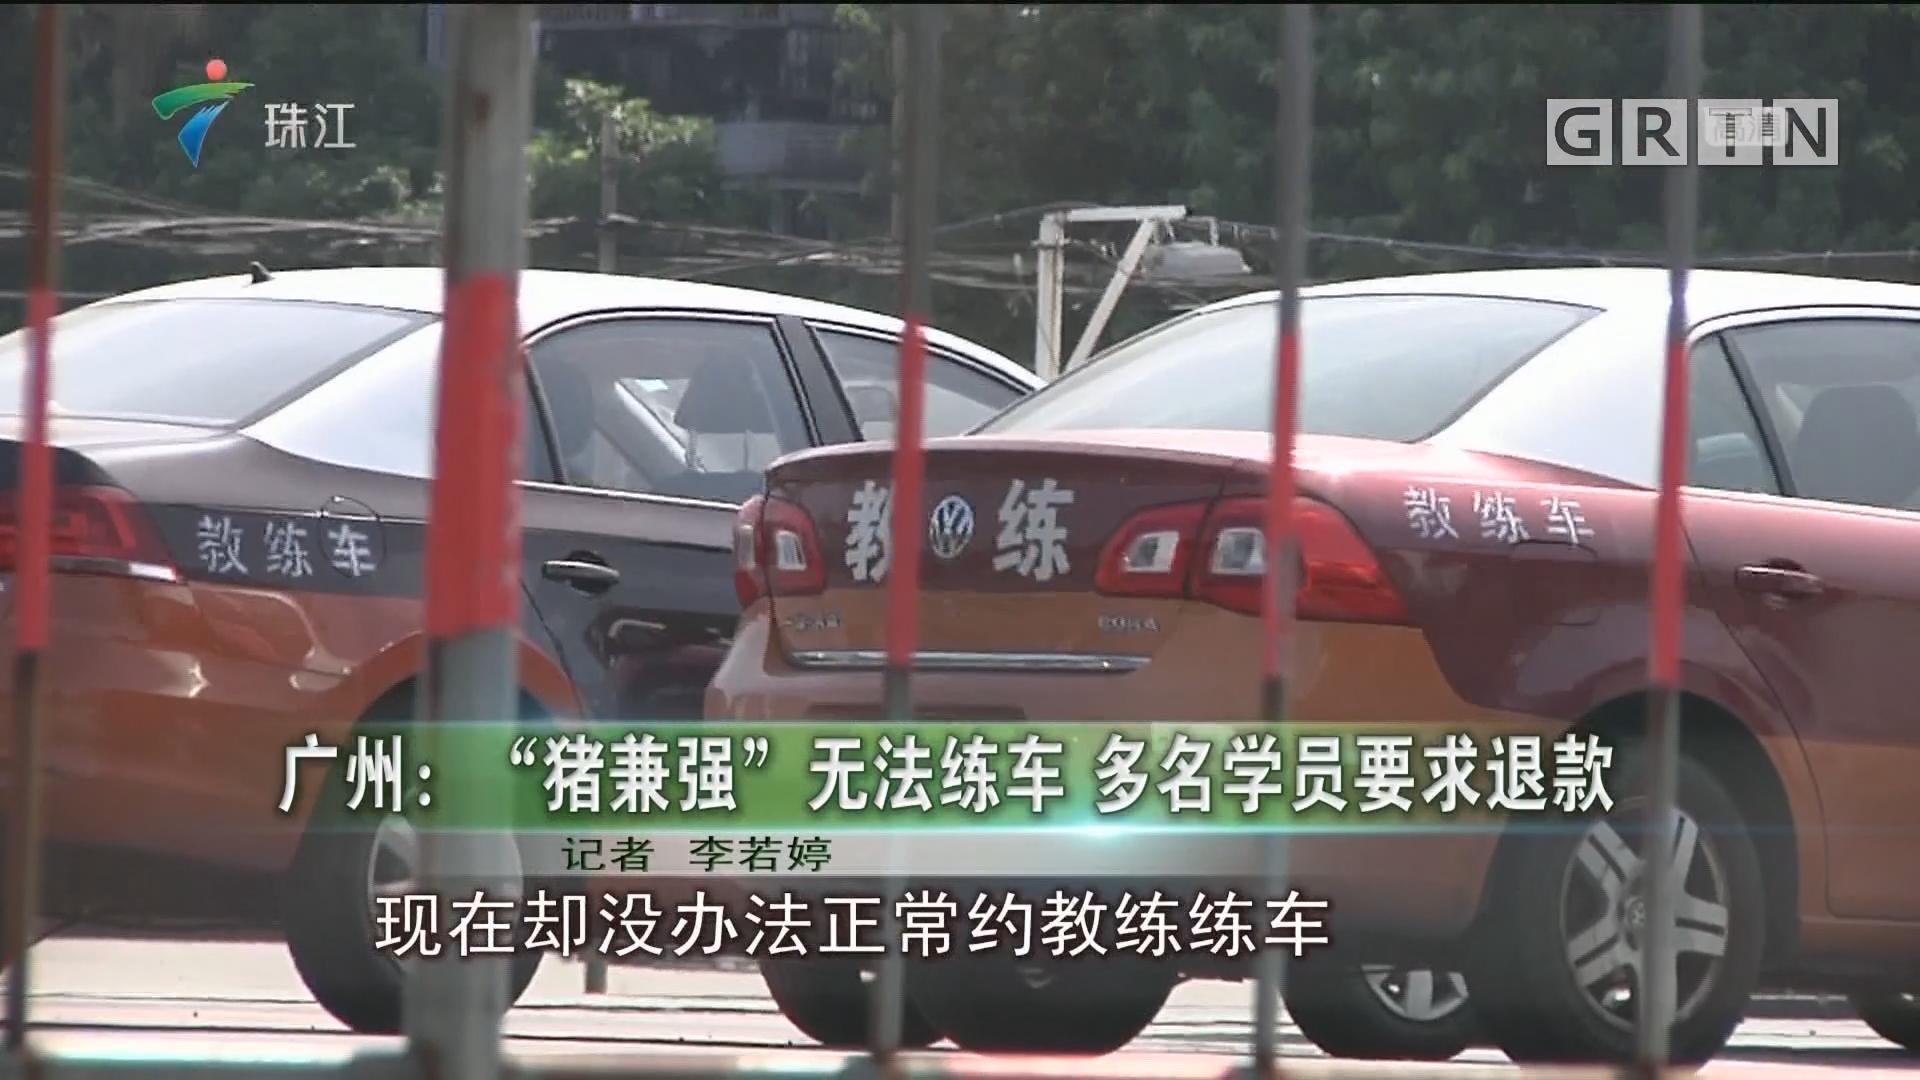 """广州:""""猪兼强"""" 无法练车 多名学员要求退款"""